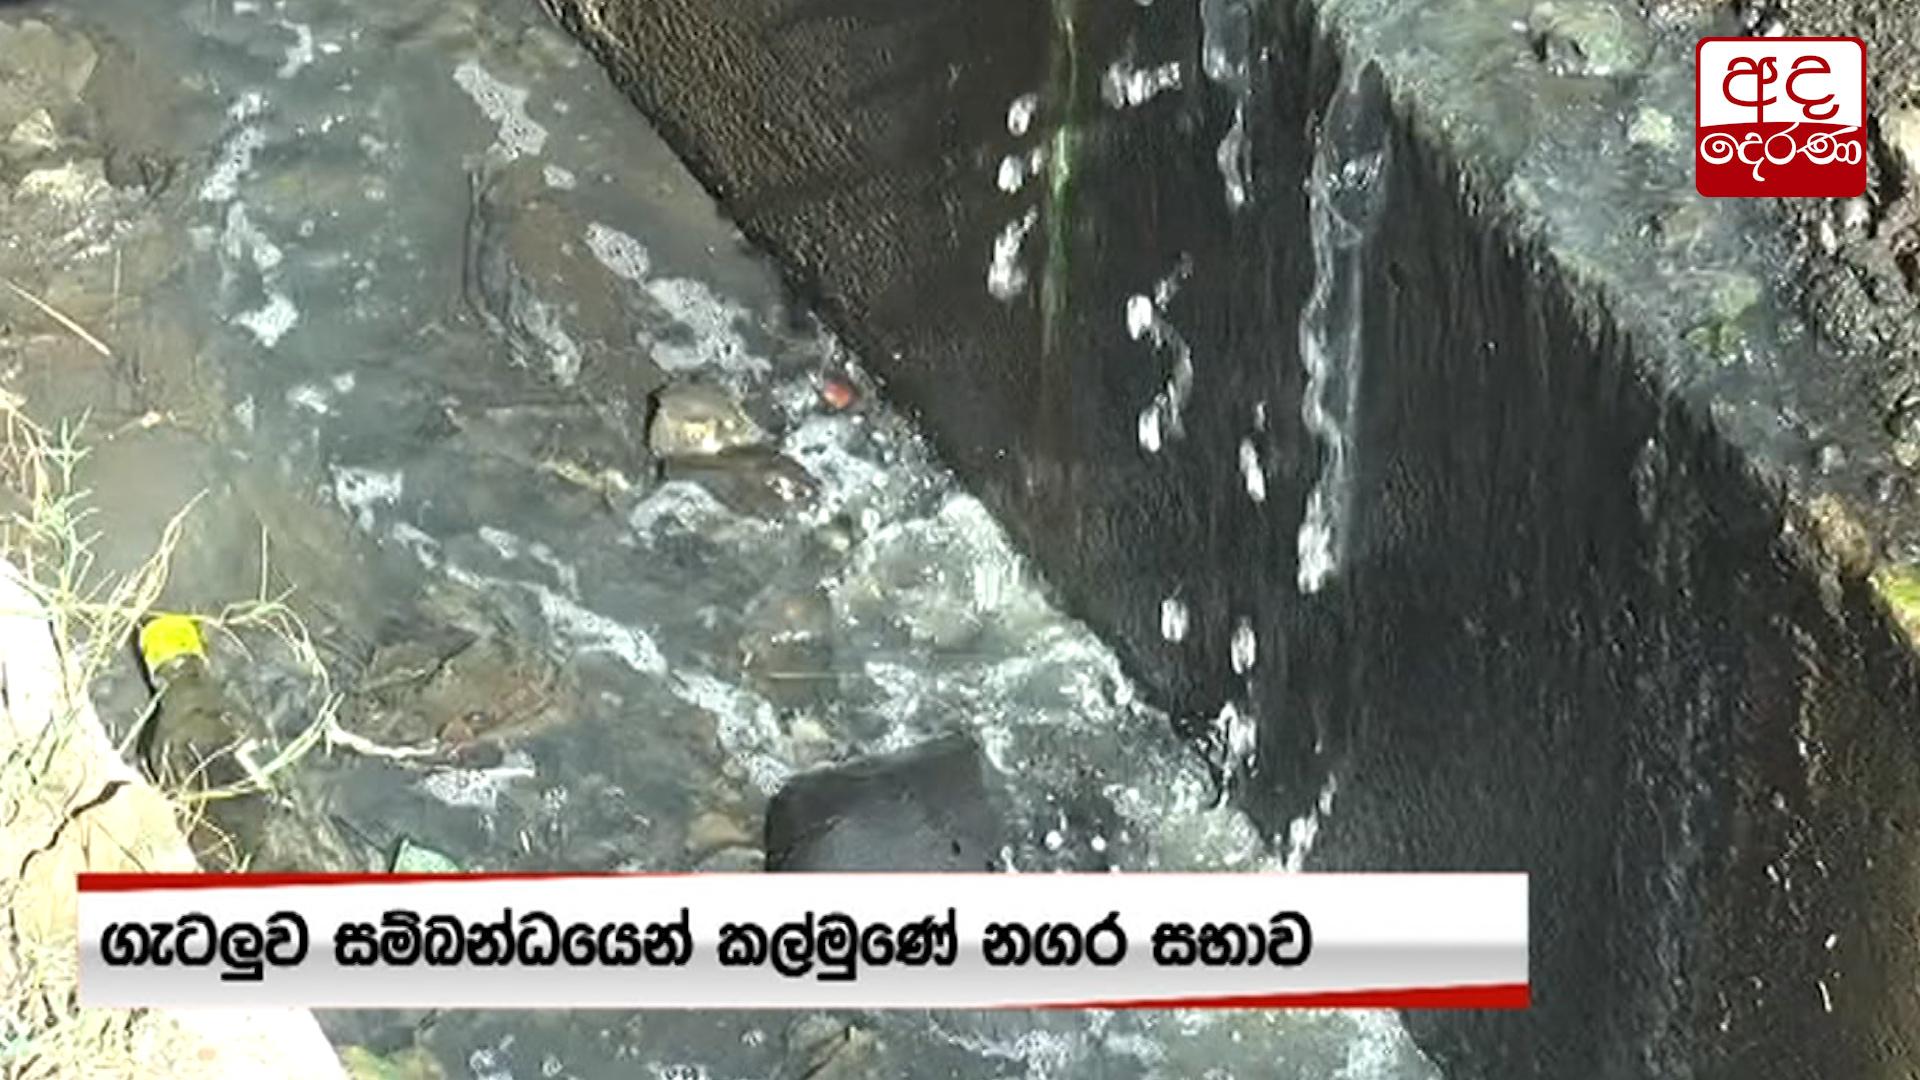 Kalmunai residents facing sewerage issues